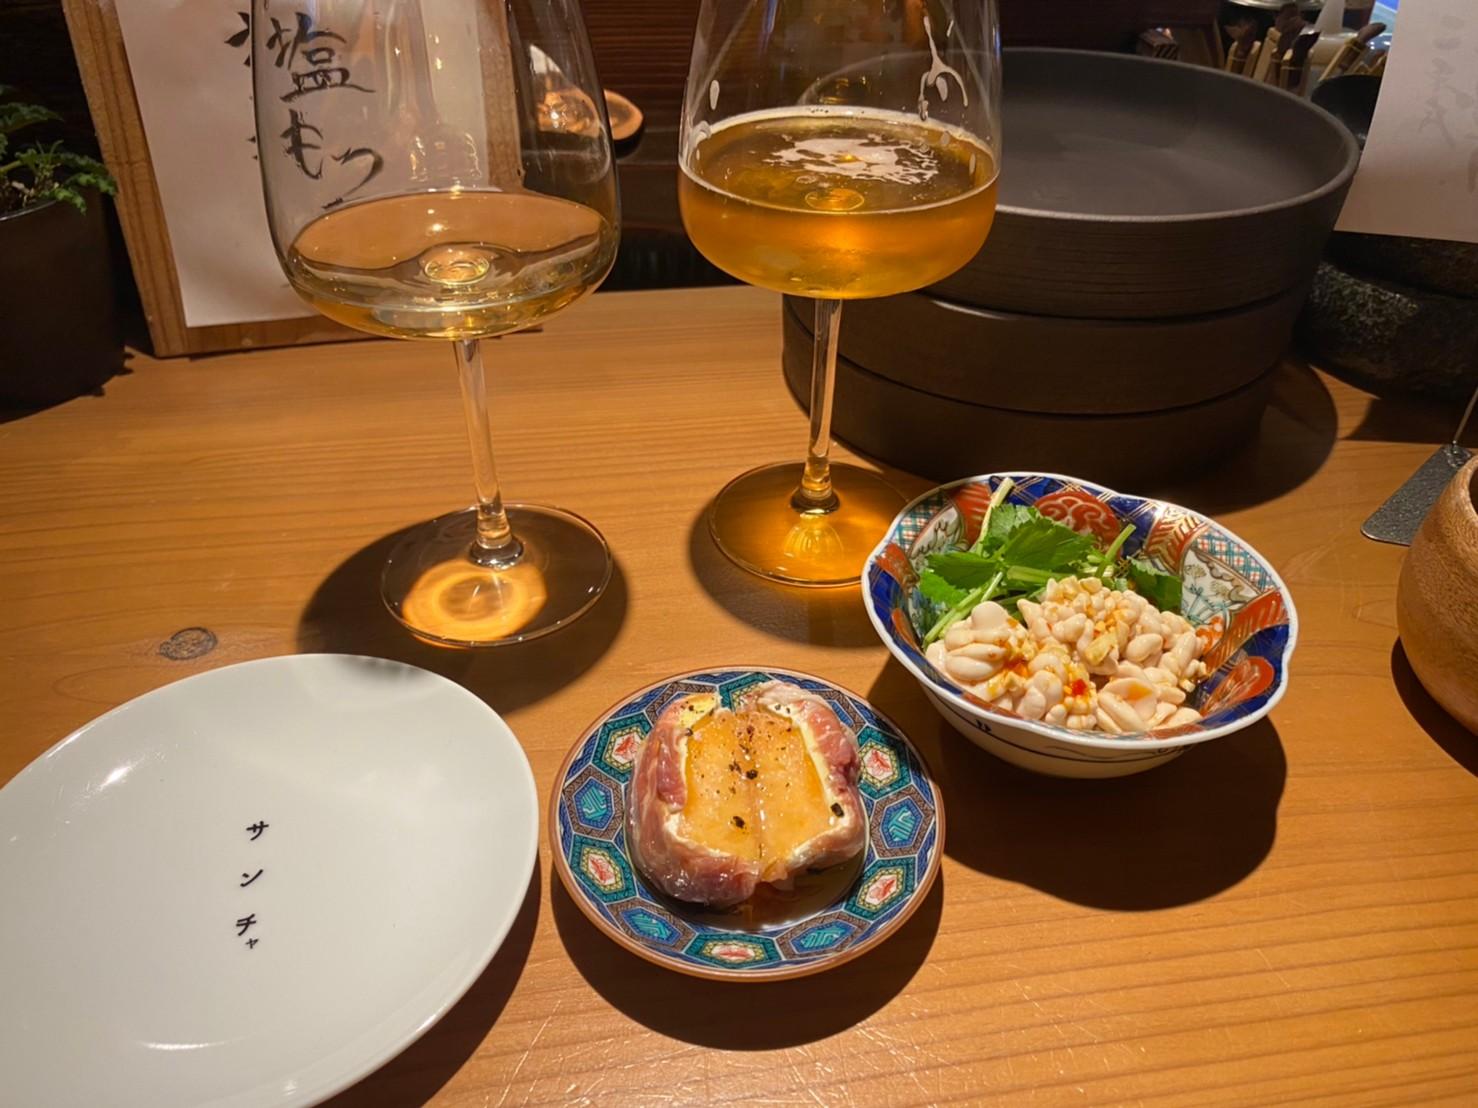 矢場町|名古屋の三軒茶屋ってどんなとこ?美味しいお酒と遊び心あるアテの数々…心まで酔いしれる、古民家風呑み屋